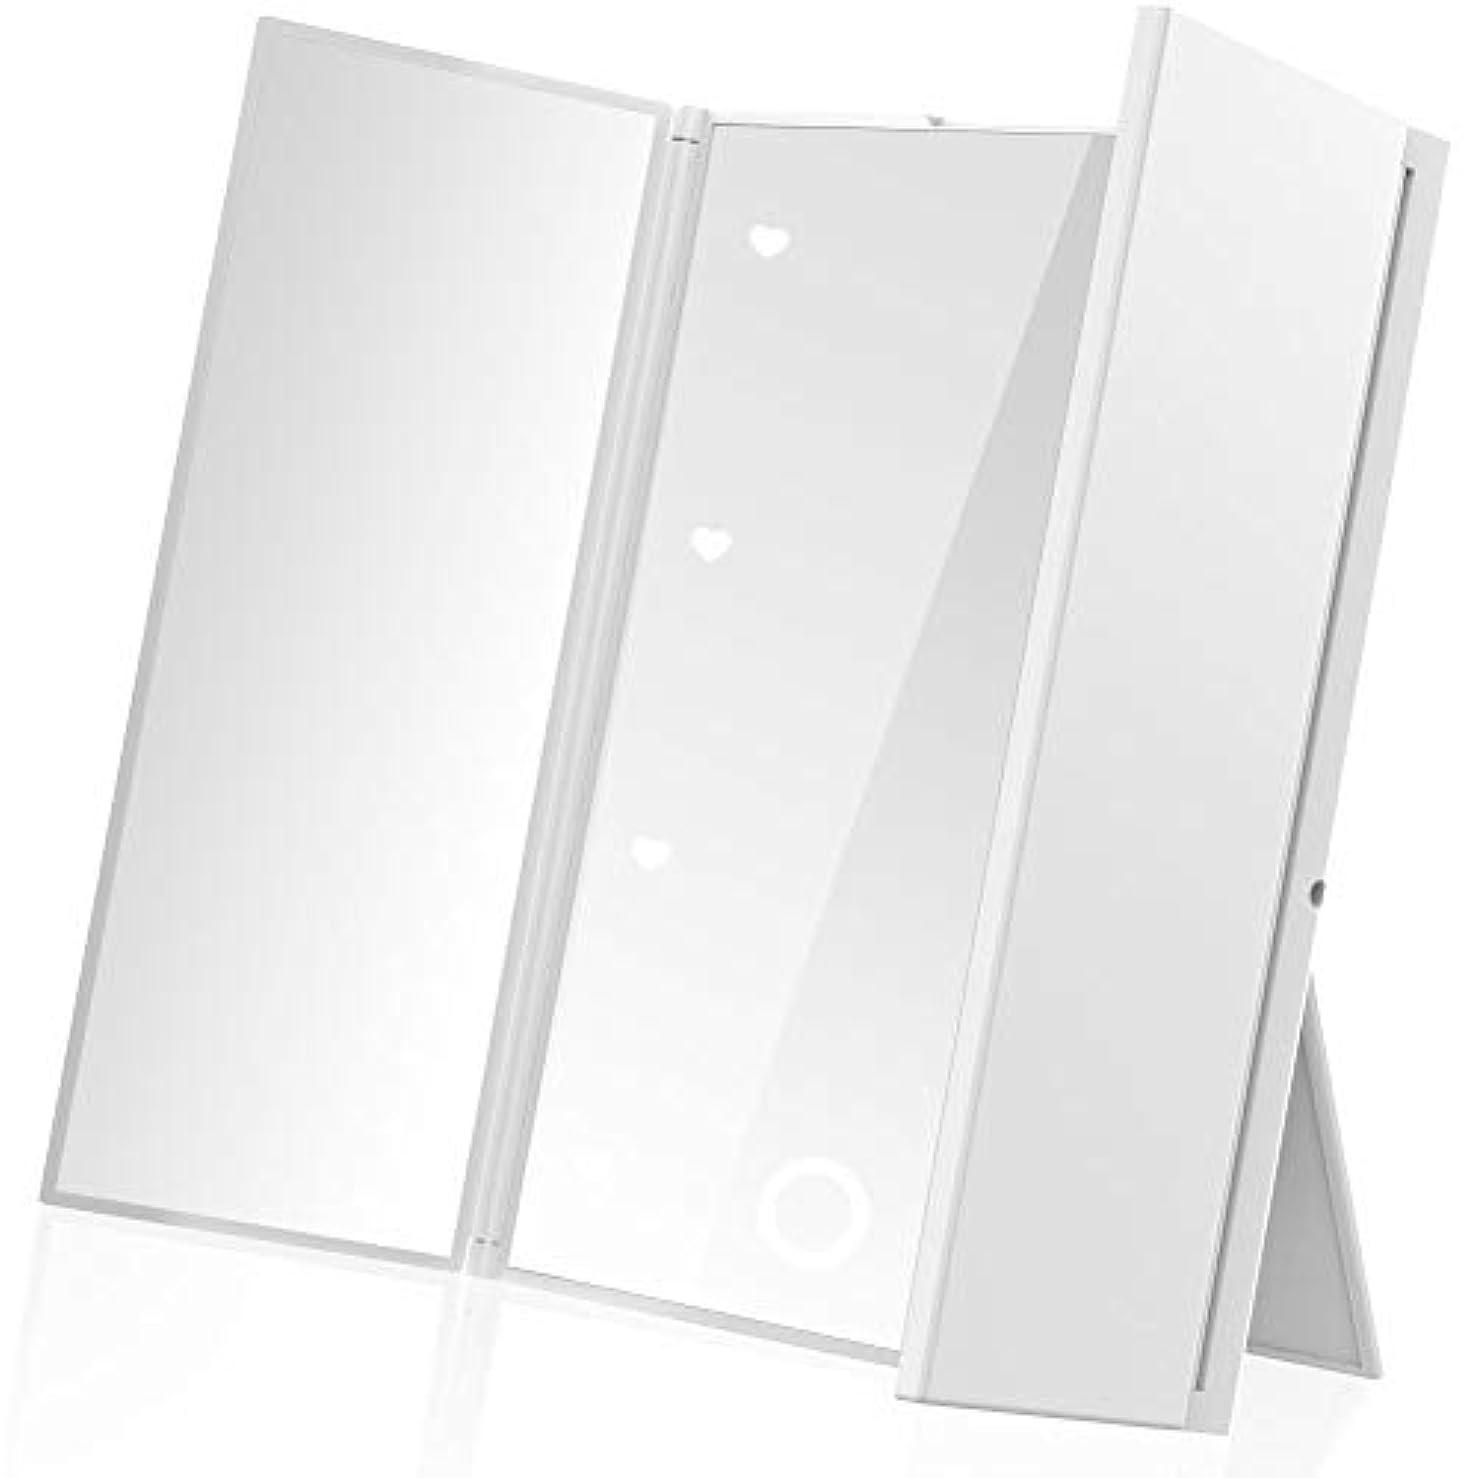 リラックスやりすぎ取るLEEPWEI 鏡 卓上 スタンドミラー 三面鏡 化粧鏡 メイクミラー折りたたみ式 コンパックトLEDライト付き 電池型 持ち運び便利 (ホワイト)